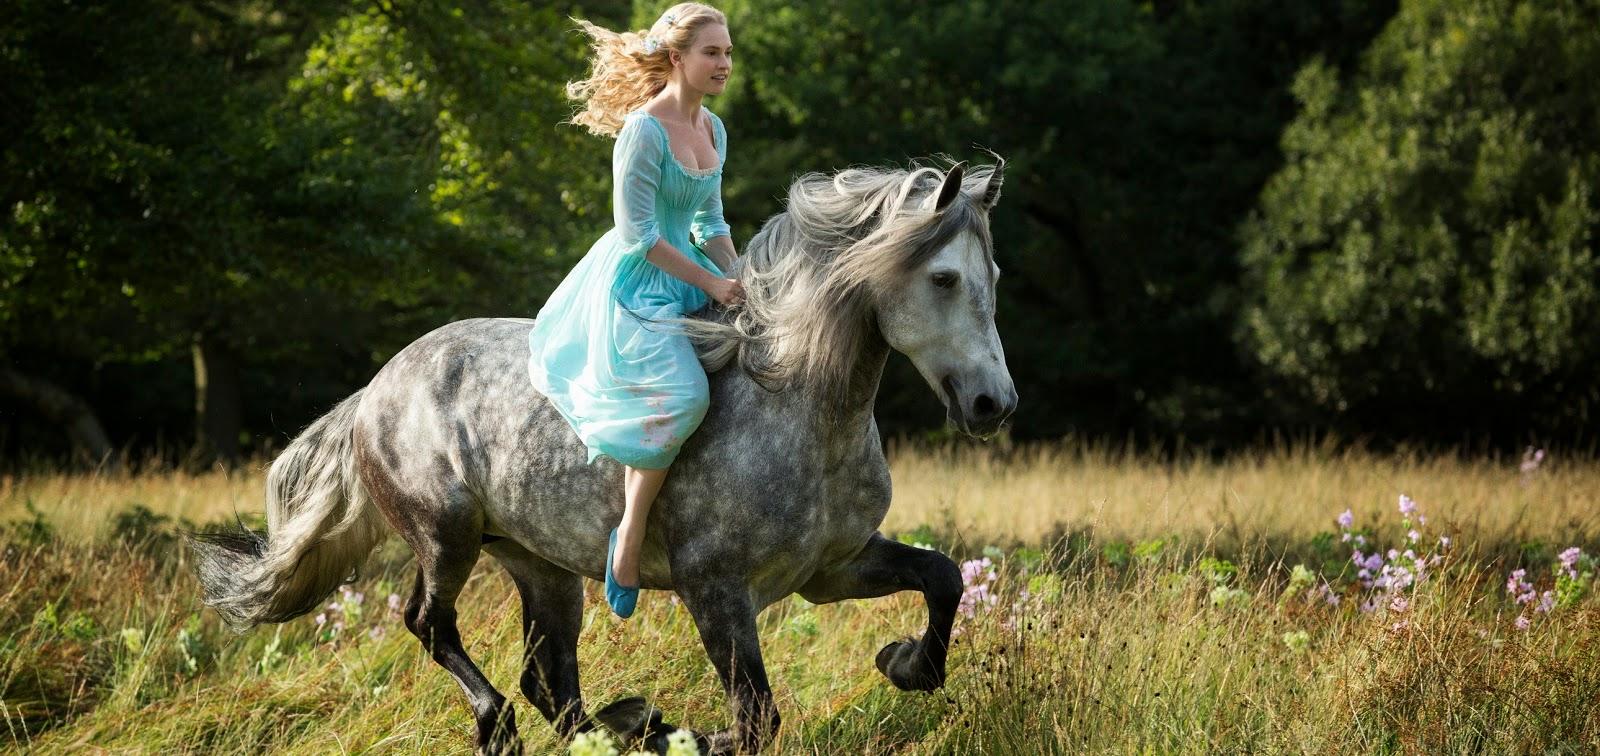 Cinderela | Veja o teaser trailer e pôster da nova adaptação com Cate Blanchet, Lily James e Helena Bonham Carter